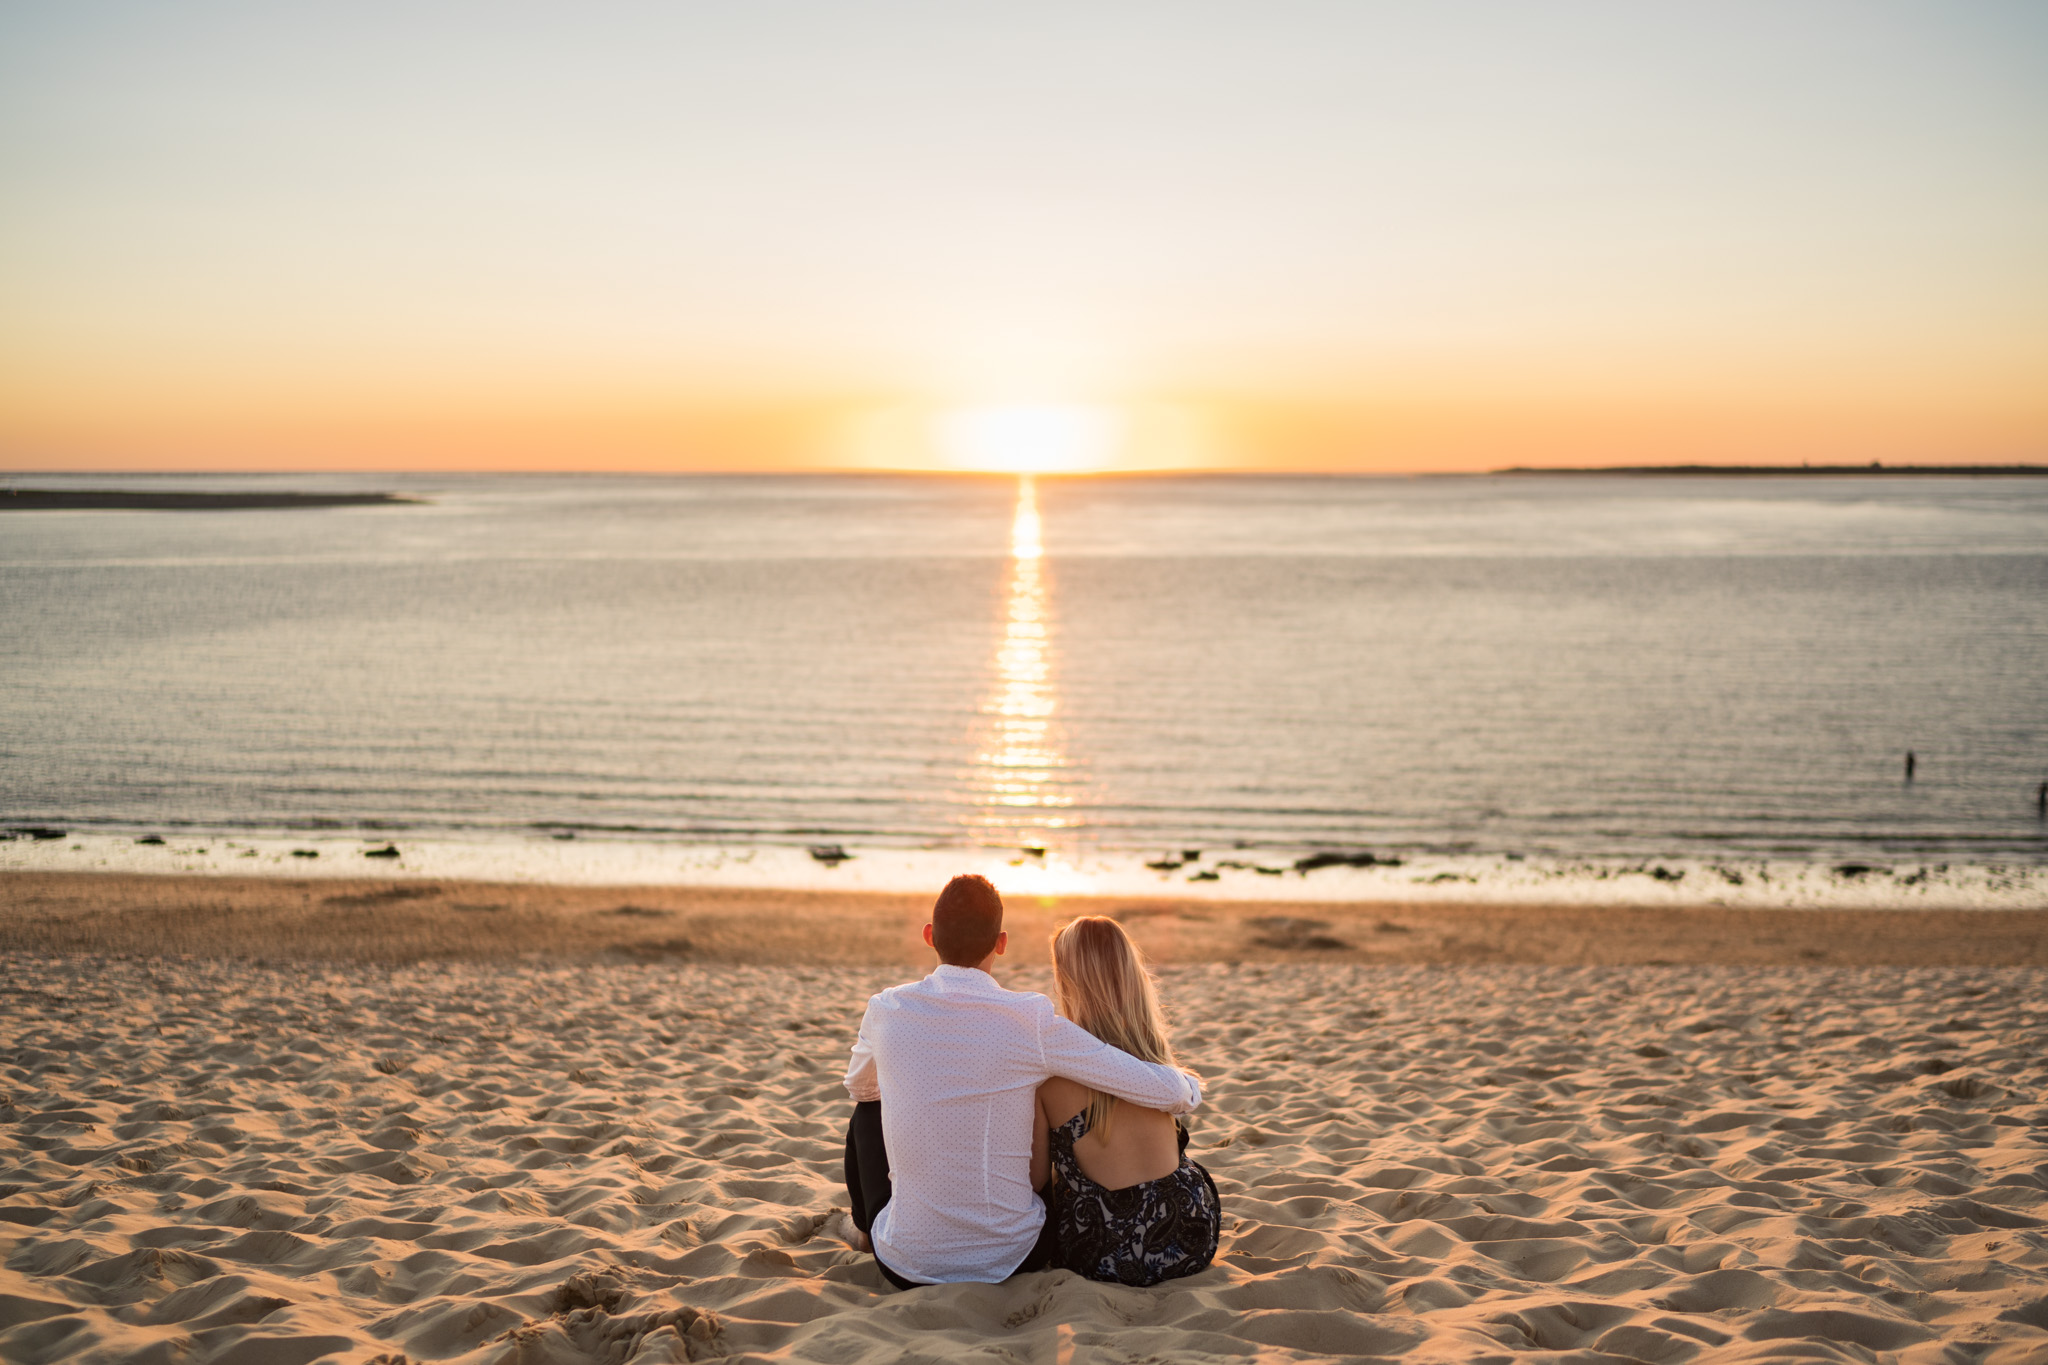 Le séance photo engagement de C+P à la Corniche d'Arcachon puis à la Dune du Pilat, devant le Bassin d'Arcachon, avant leur mariage en Dordogne. Au drone aussi.